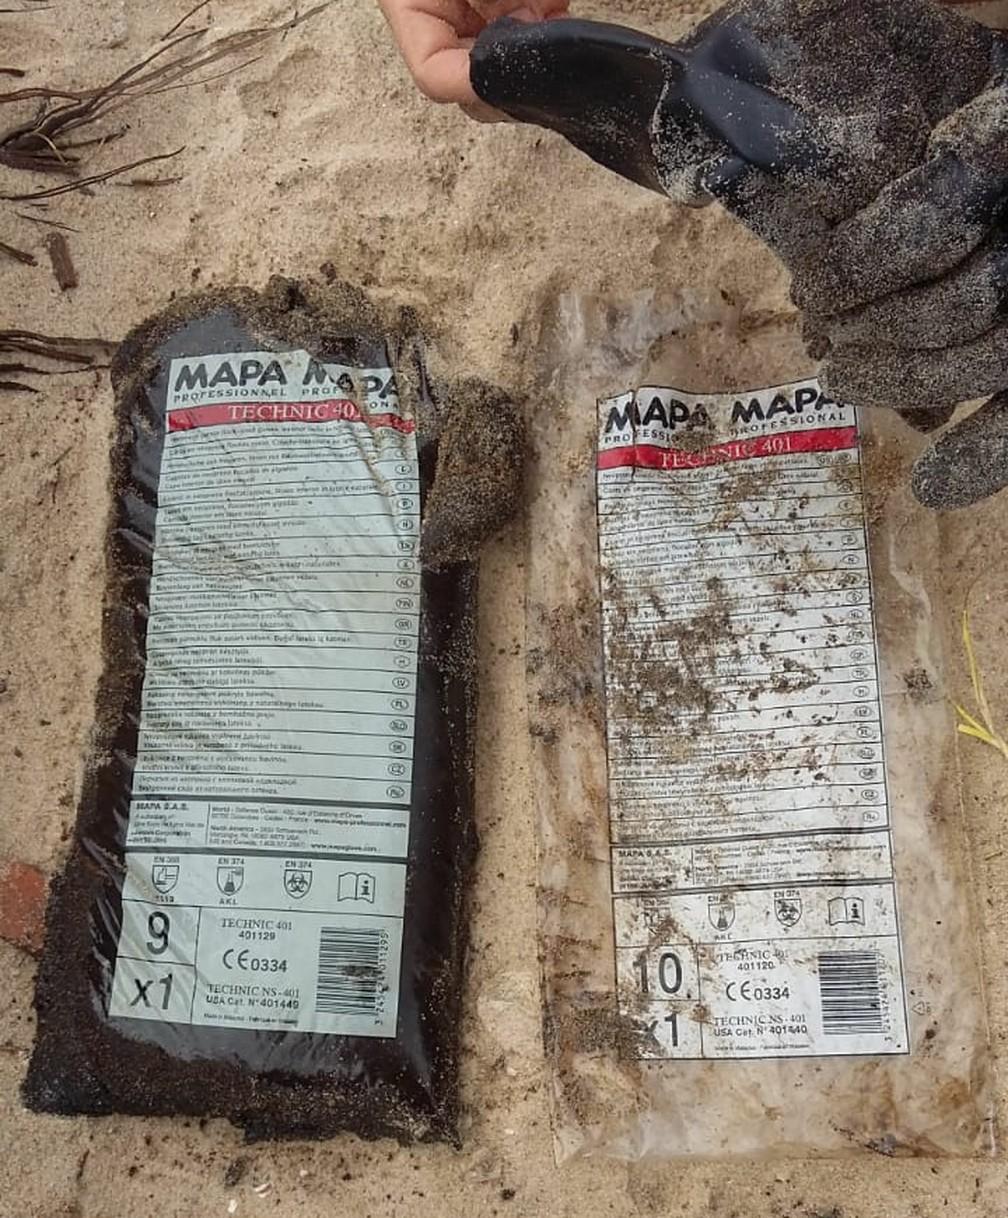 Sacos plásticos foram encontrados junto ao óleo, no mar, nas proximidades da praia do Paiva, no Grande Recife — Foto: Elvys Lopes/TV Globo